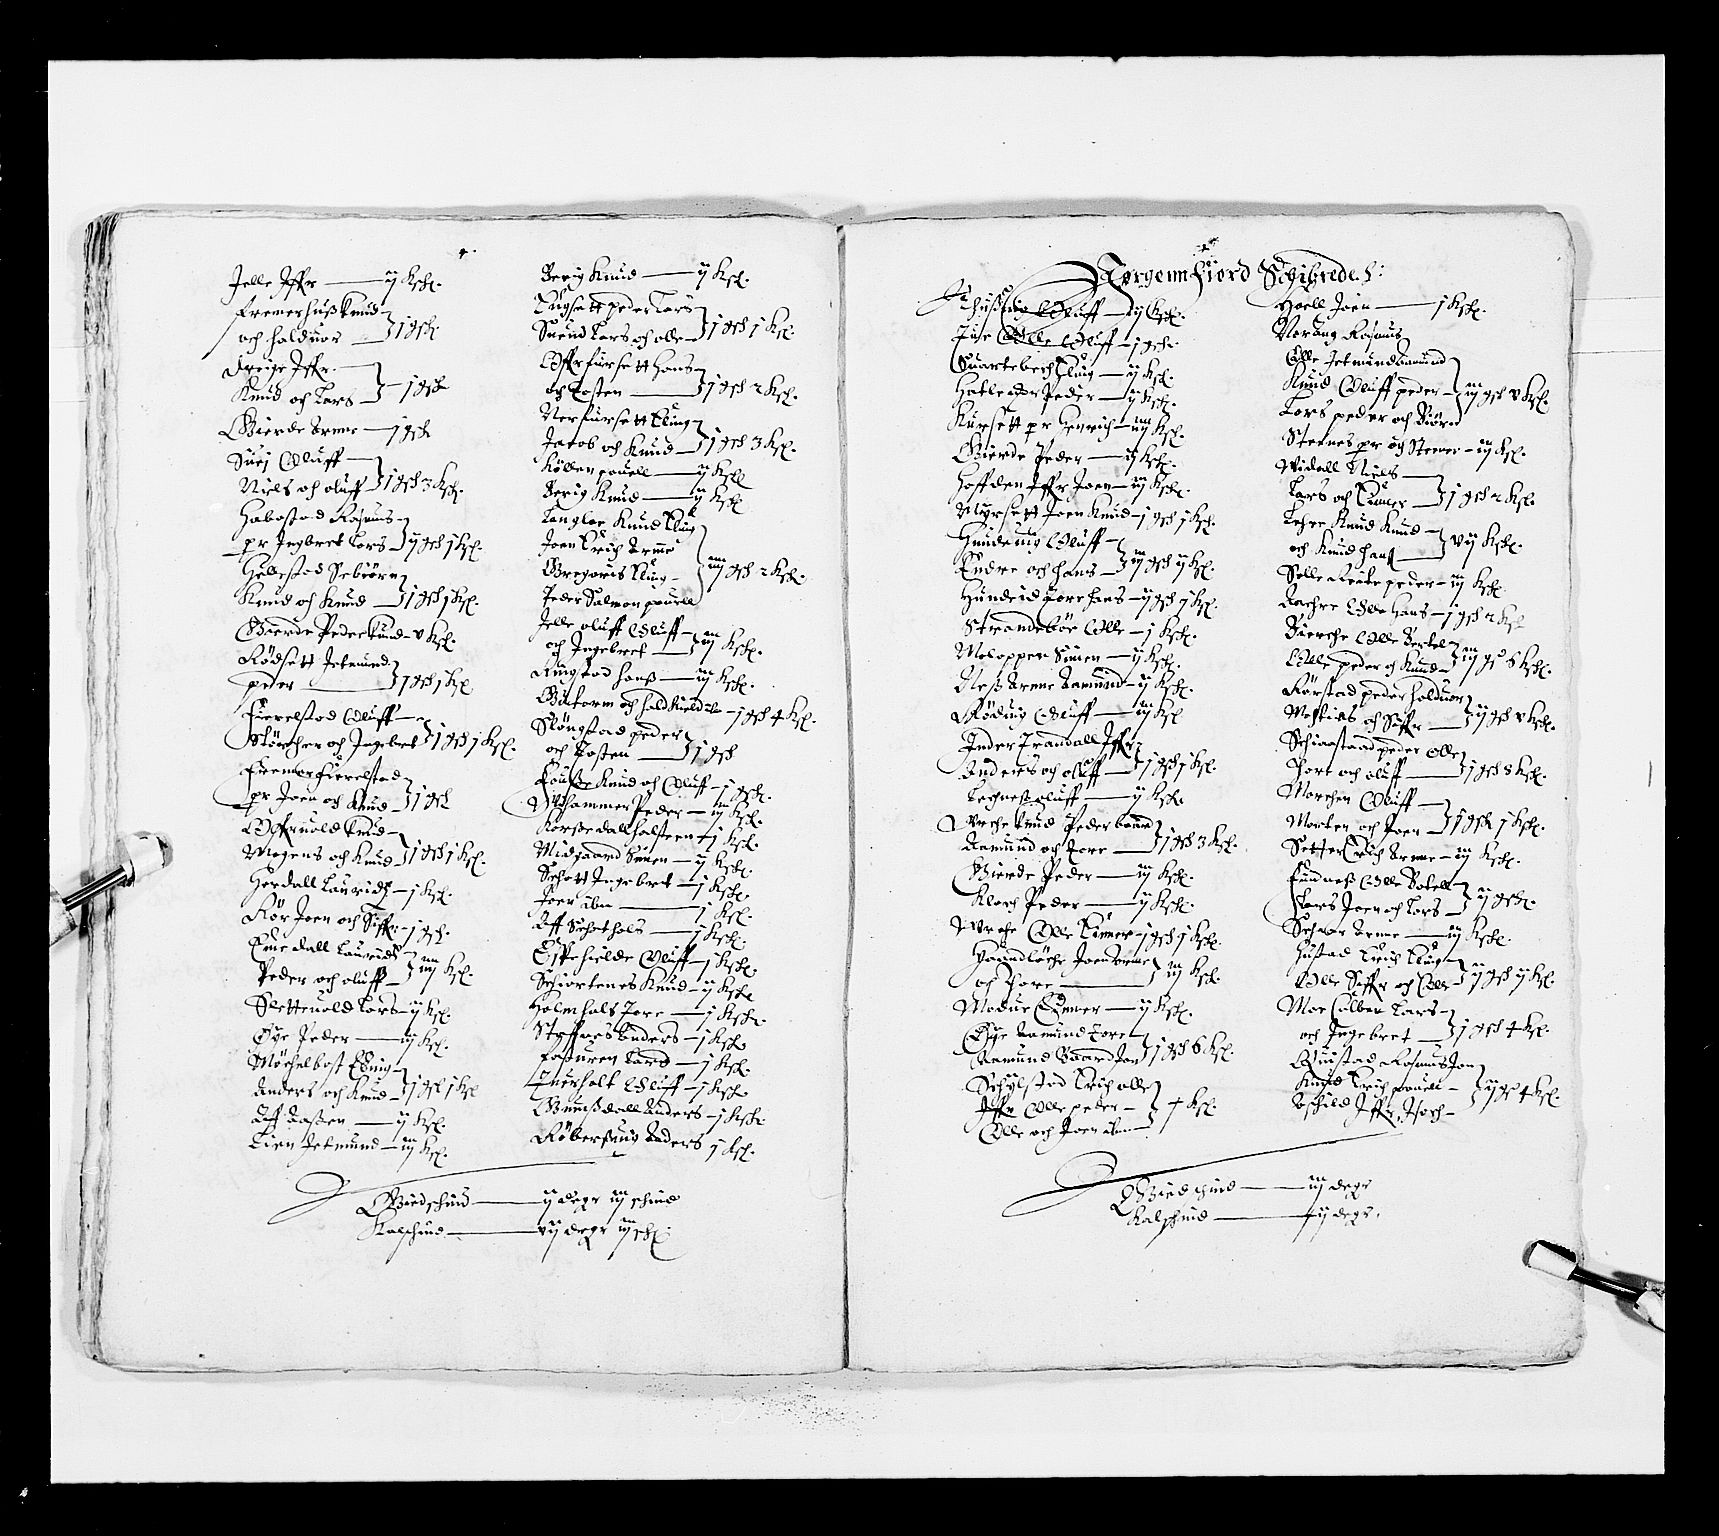 RA, Stattholderembetet 1572-1771, Ek/L0025: Jordebøker 1633-1658:, 1645-1646, s. 252